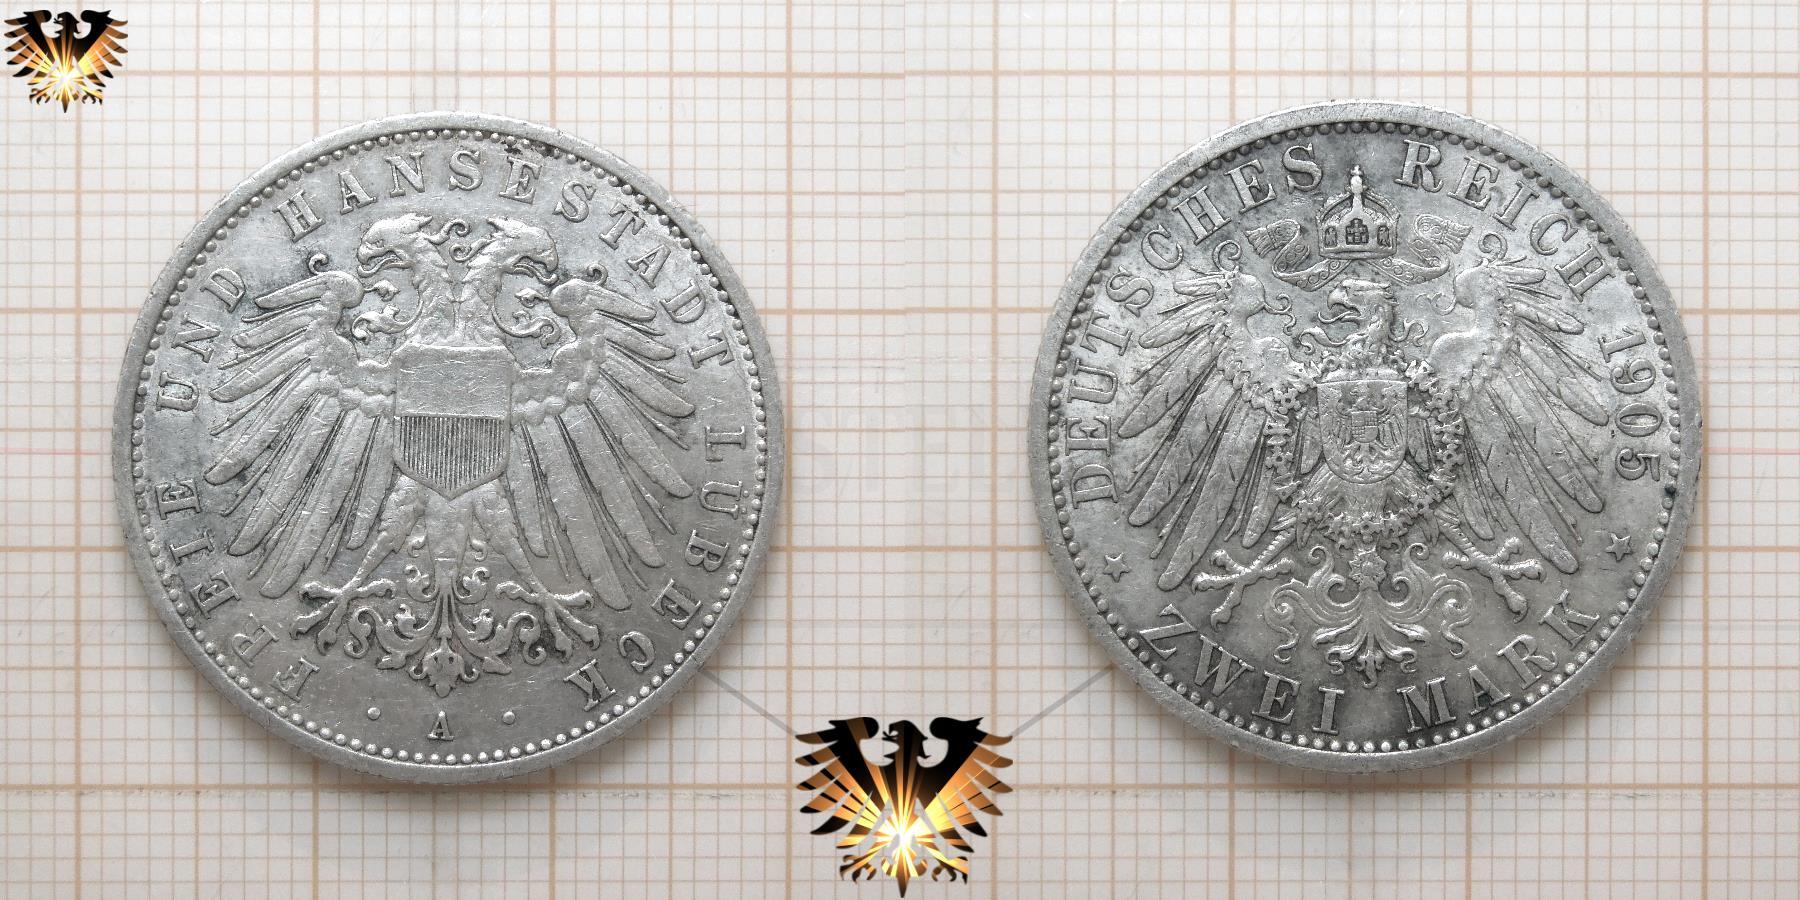 3 Mark Münze Lübeck Freie Und Hansestadt Deutsches Reich 1908 1914